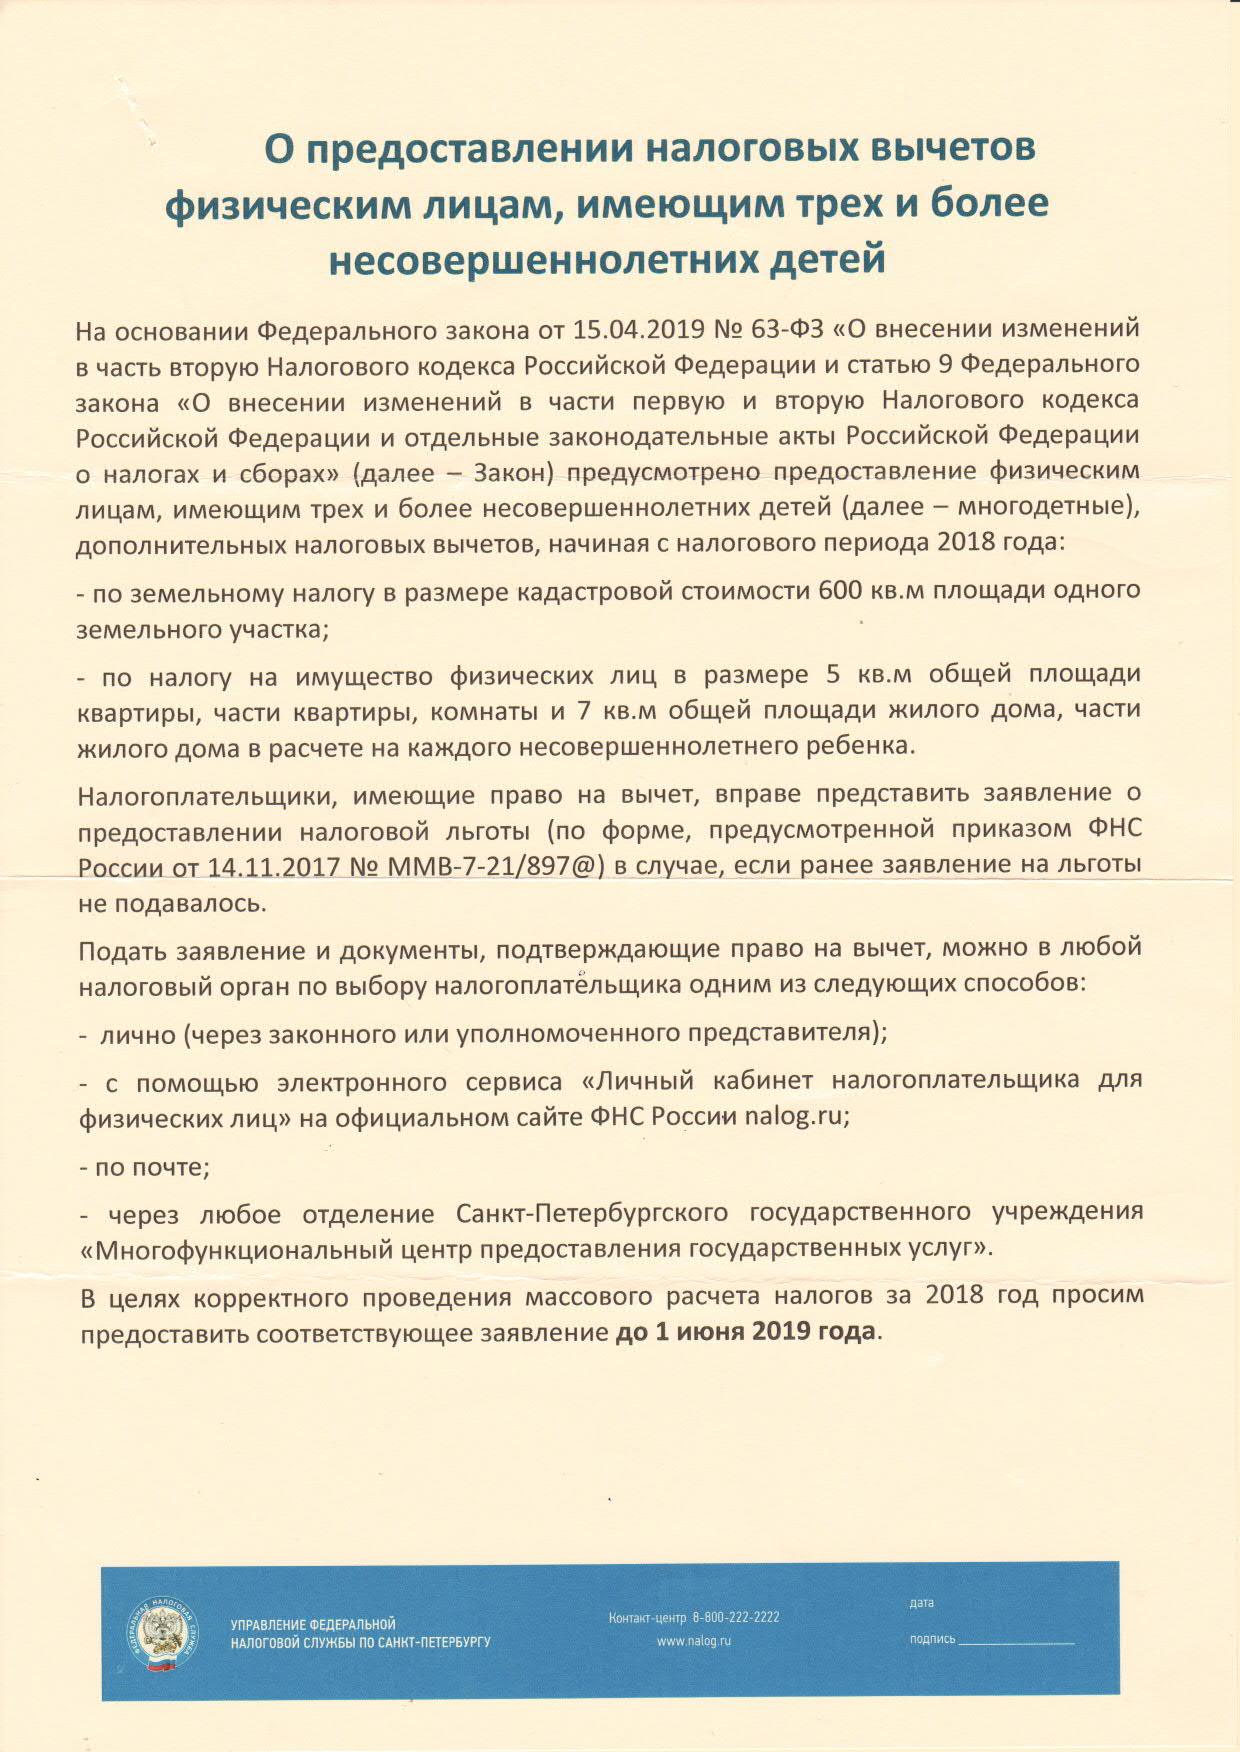 Информация УФНС_1